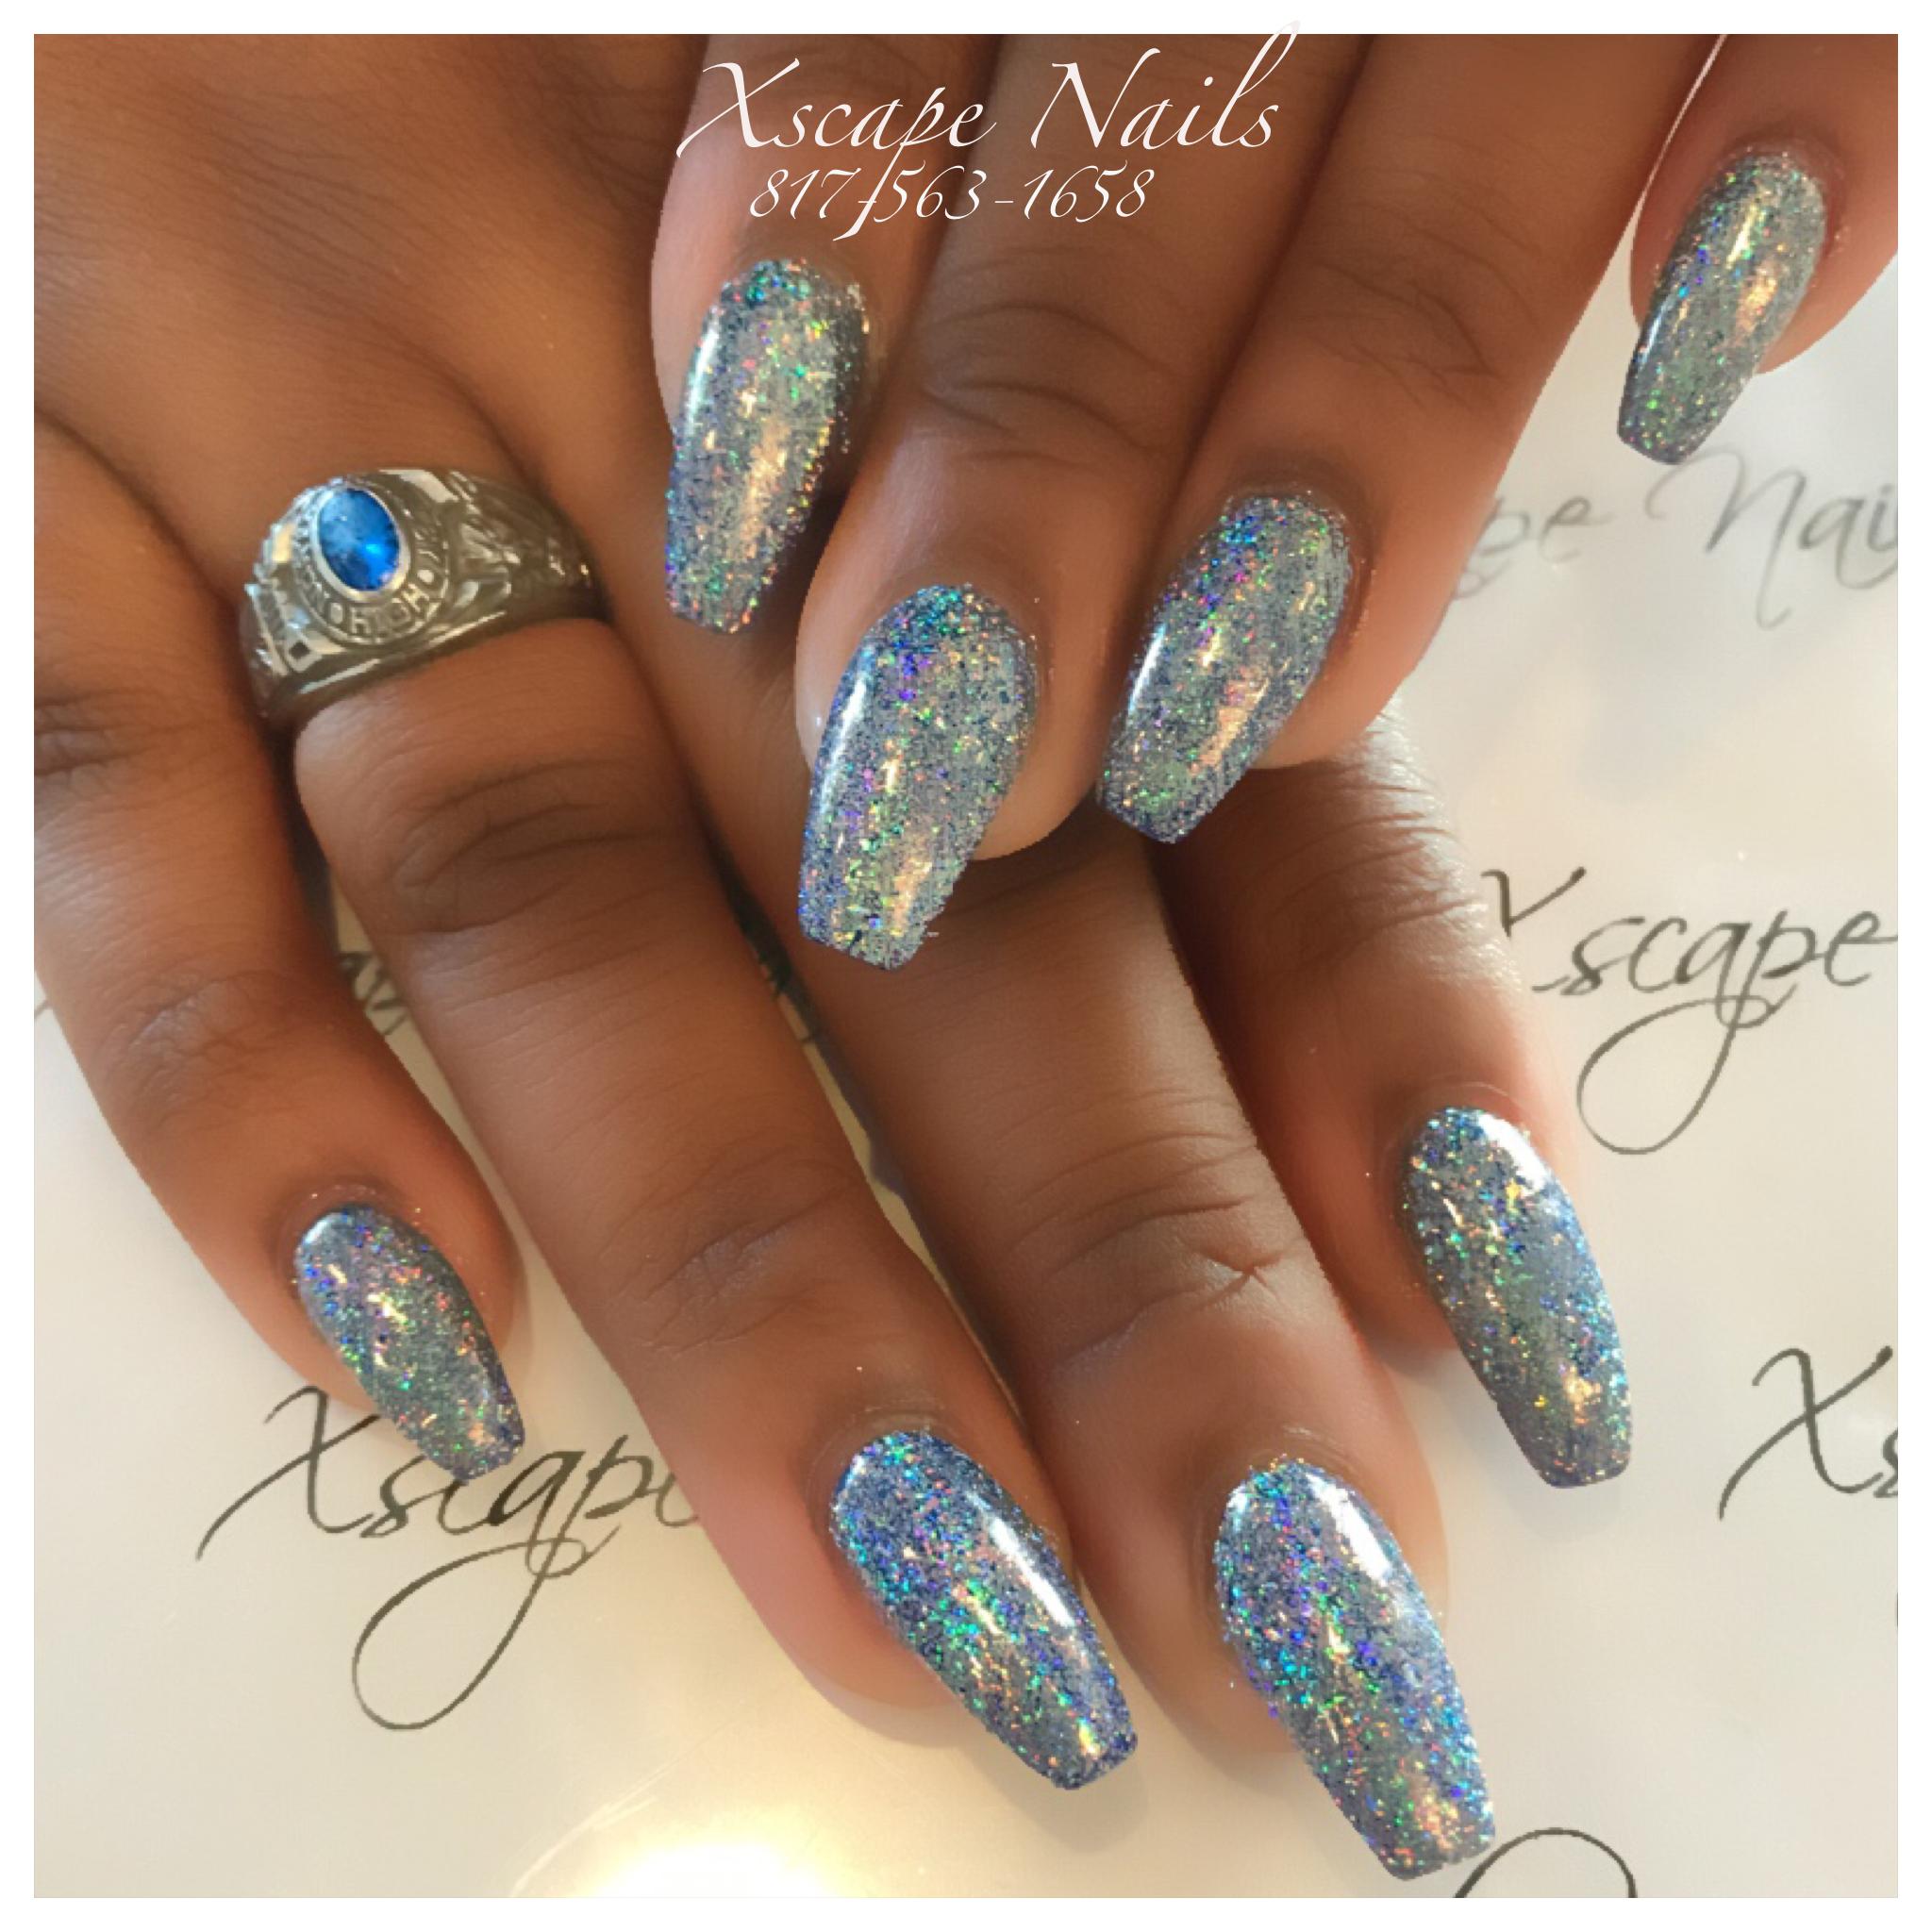 Galaxy chrome nails | Cute Nails Designs | Pinterest | Chrome nails